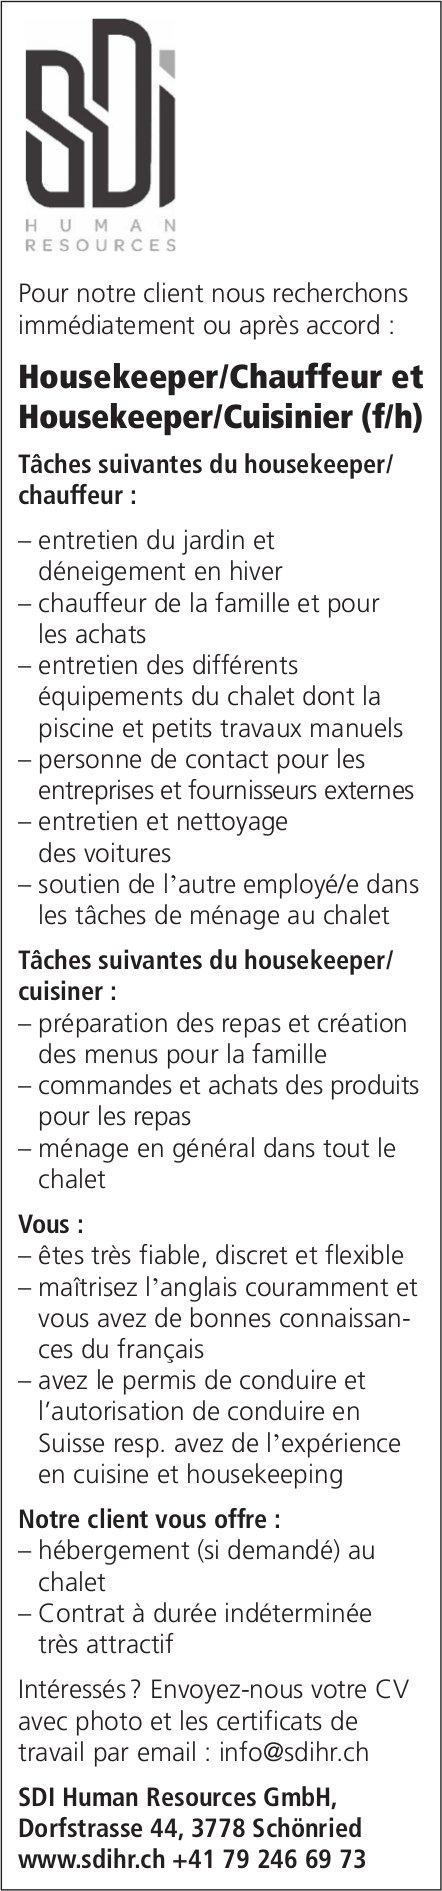 Housekeeper/Chauffeur et Housekeeper/Cuisinier (f/h), SDI Human Resources GmbH, Schönried, gesucht